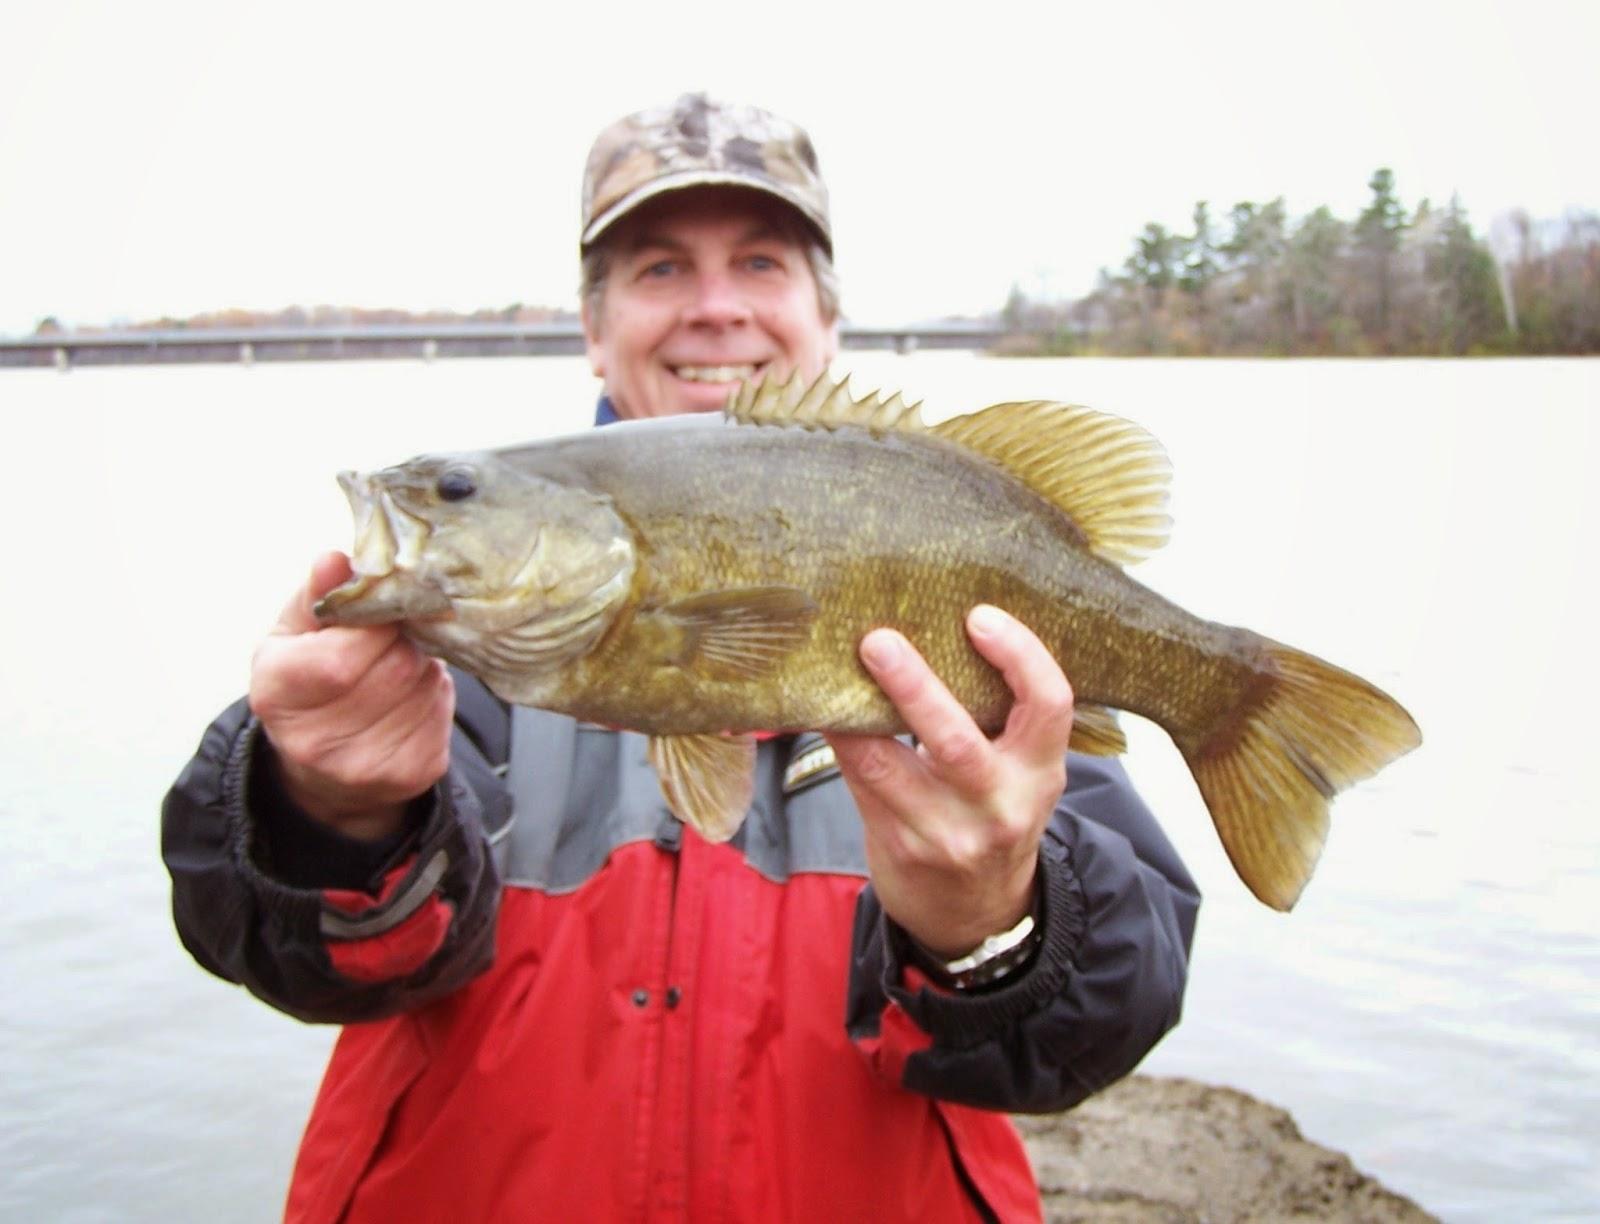 Blogue sur la pêche, pêche achigan, pêche lac Saint-Pierre, pêche fleuve Saint-Laurent,parlons pêche, Daniel Lefaivre